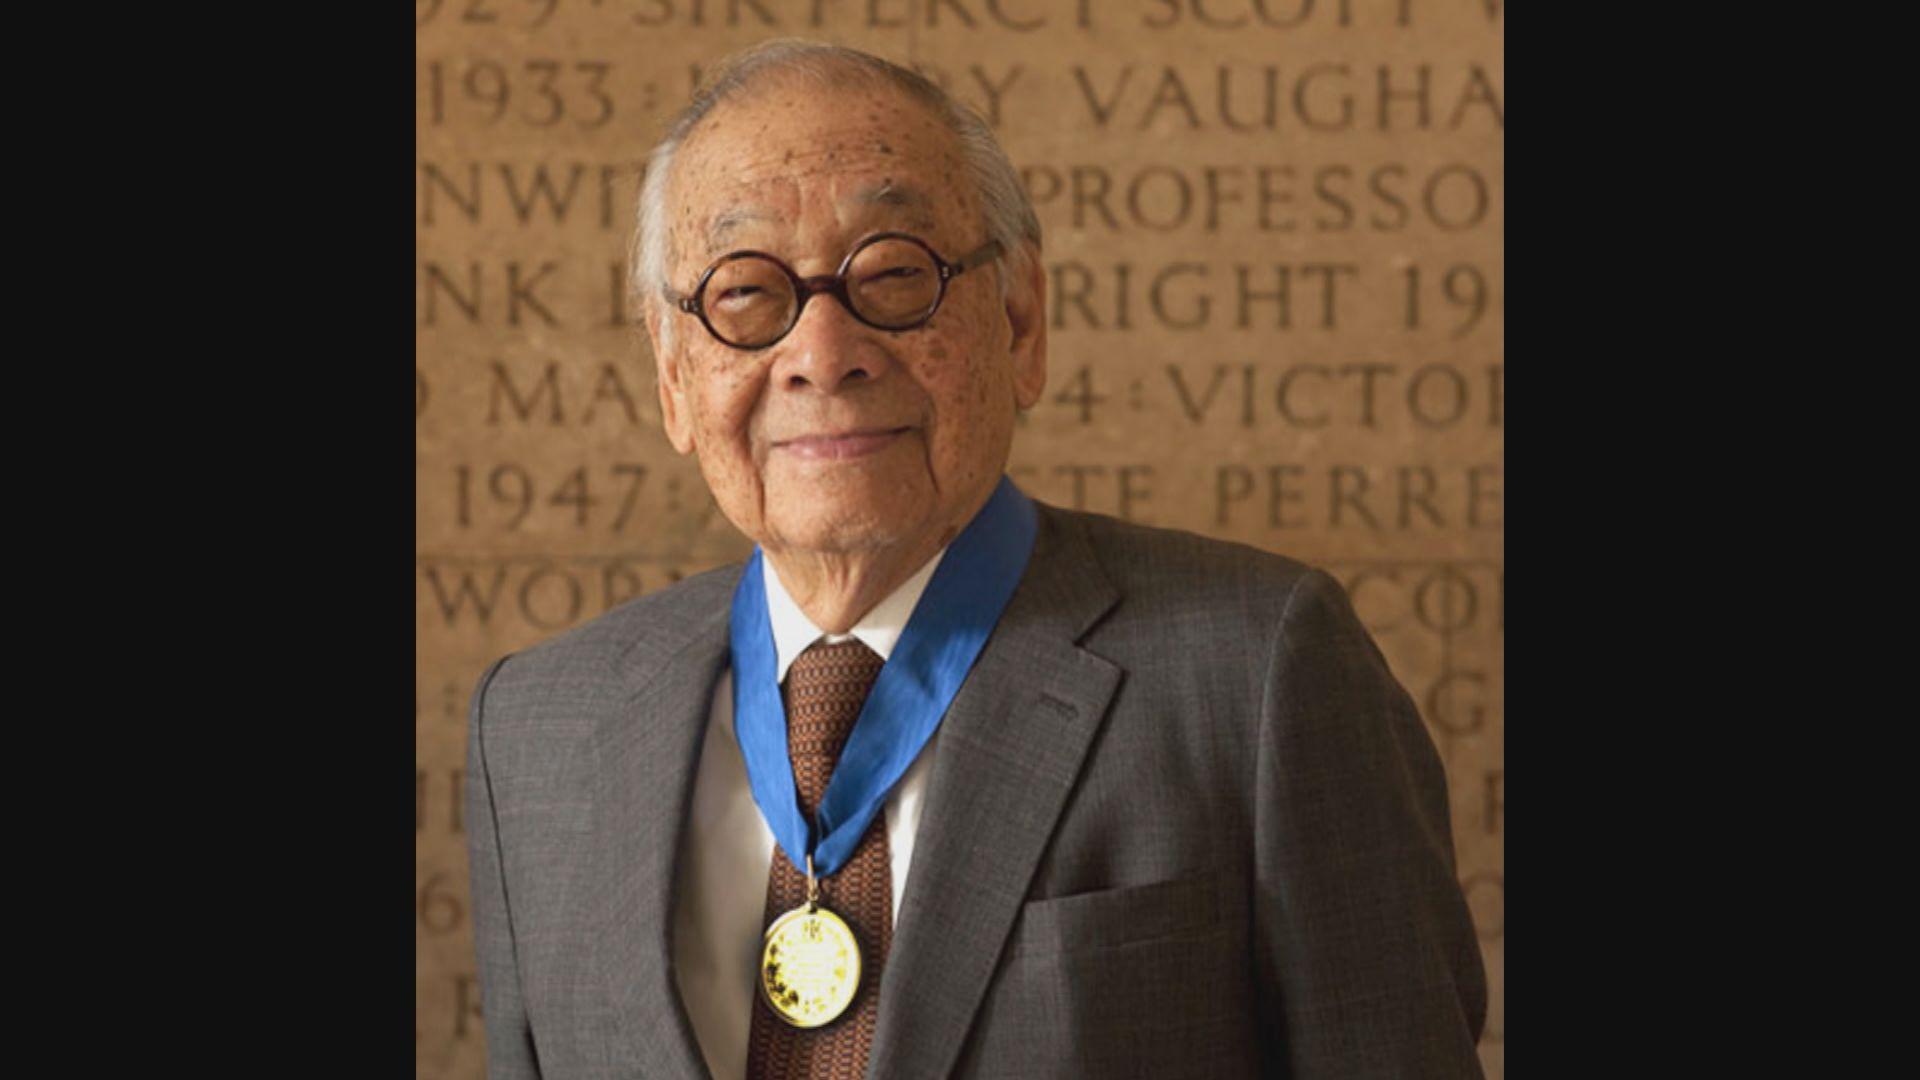 美籍華裔建築師貝聿銘逝世 終年102歲